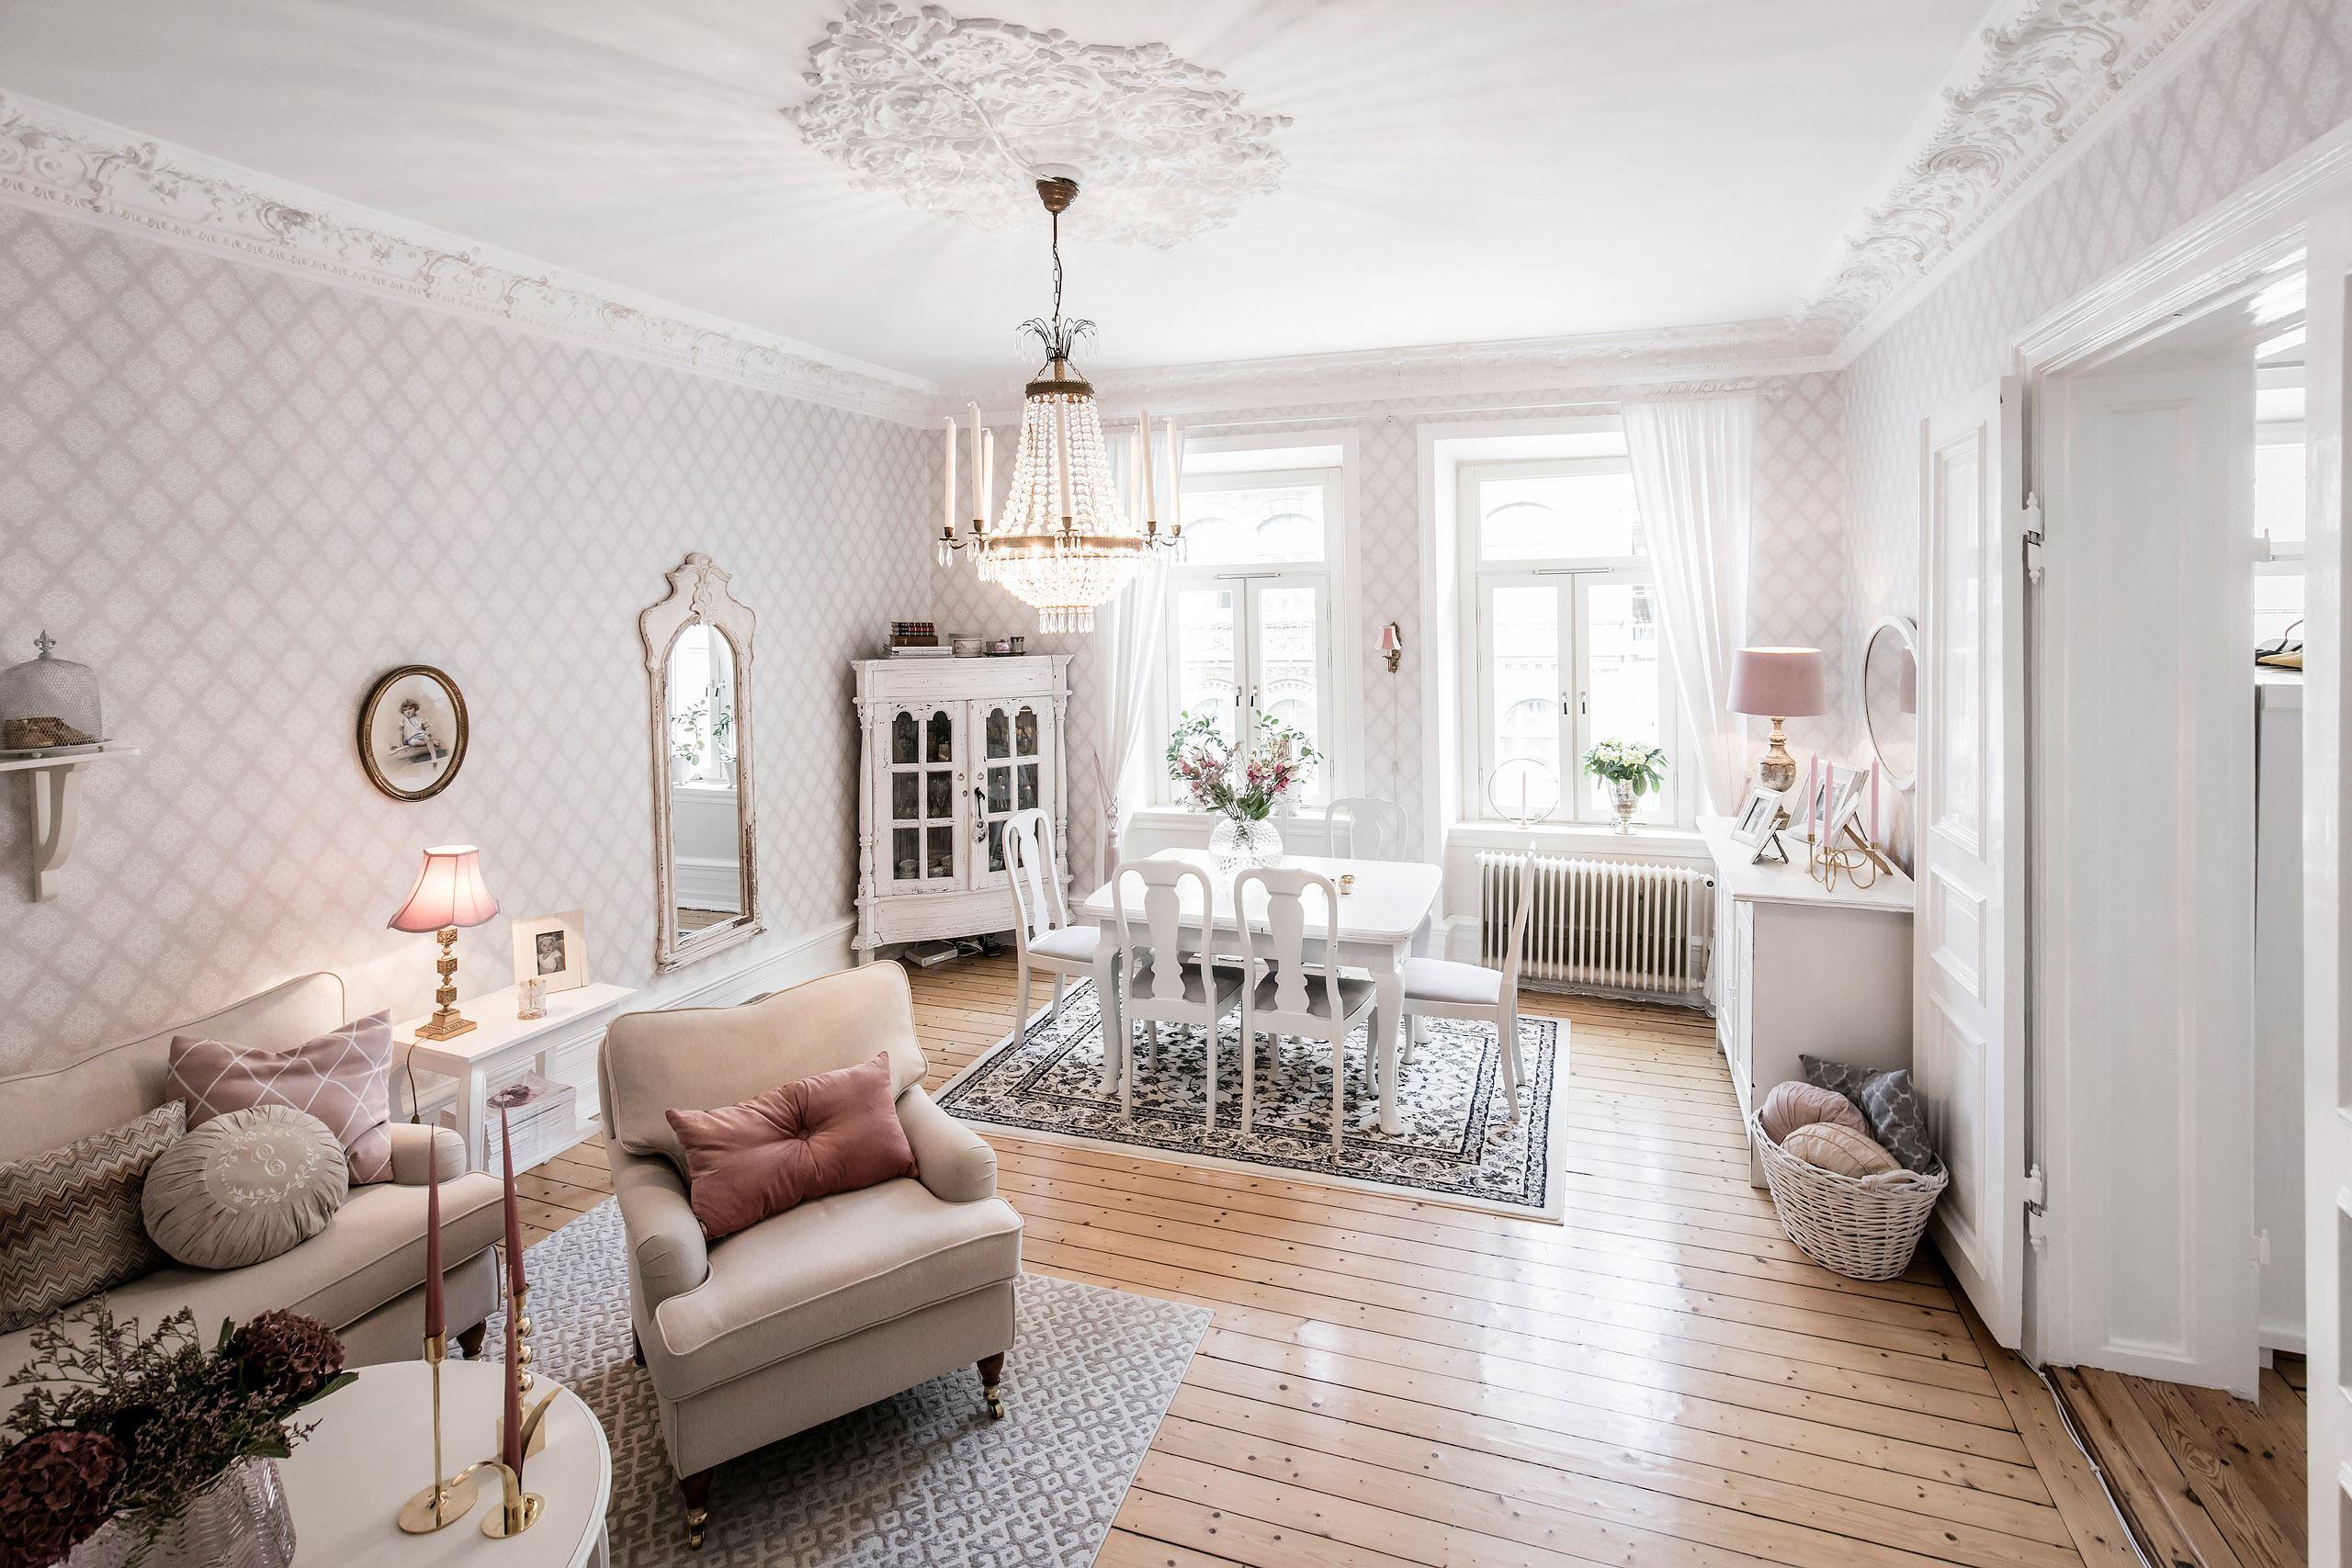 гостиная потолок лепнина розетка люстра окно зеркало деревянный пол обеденный стол креслошкаф витрина